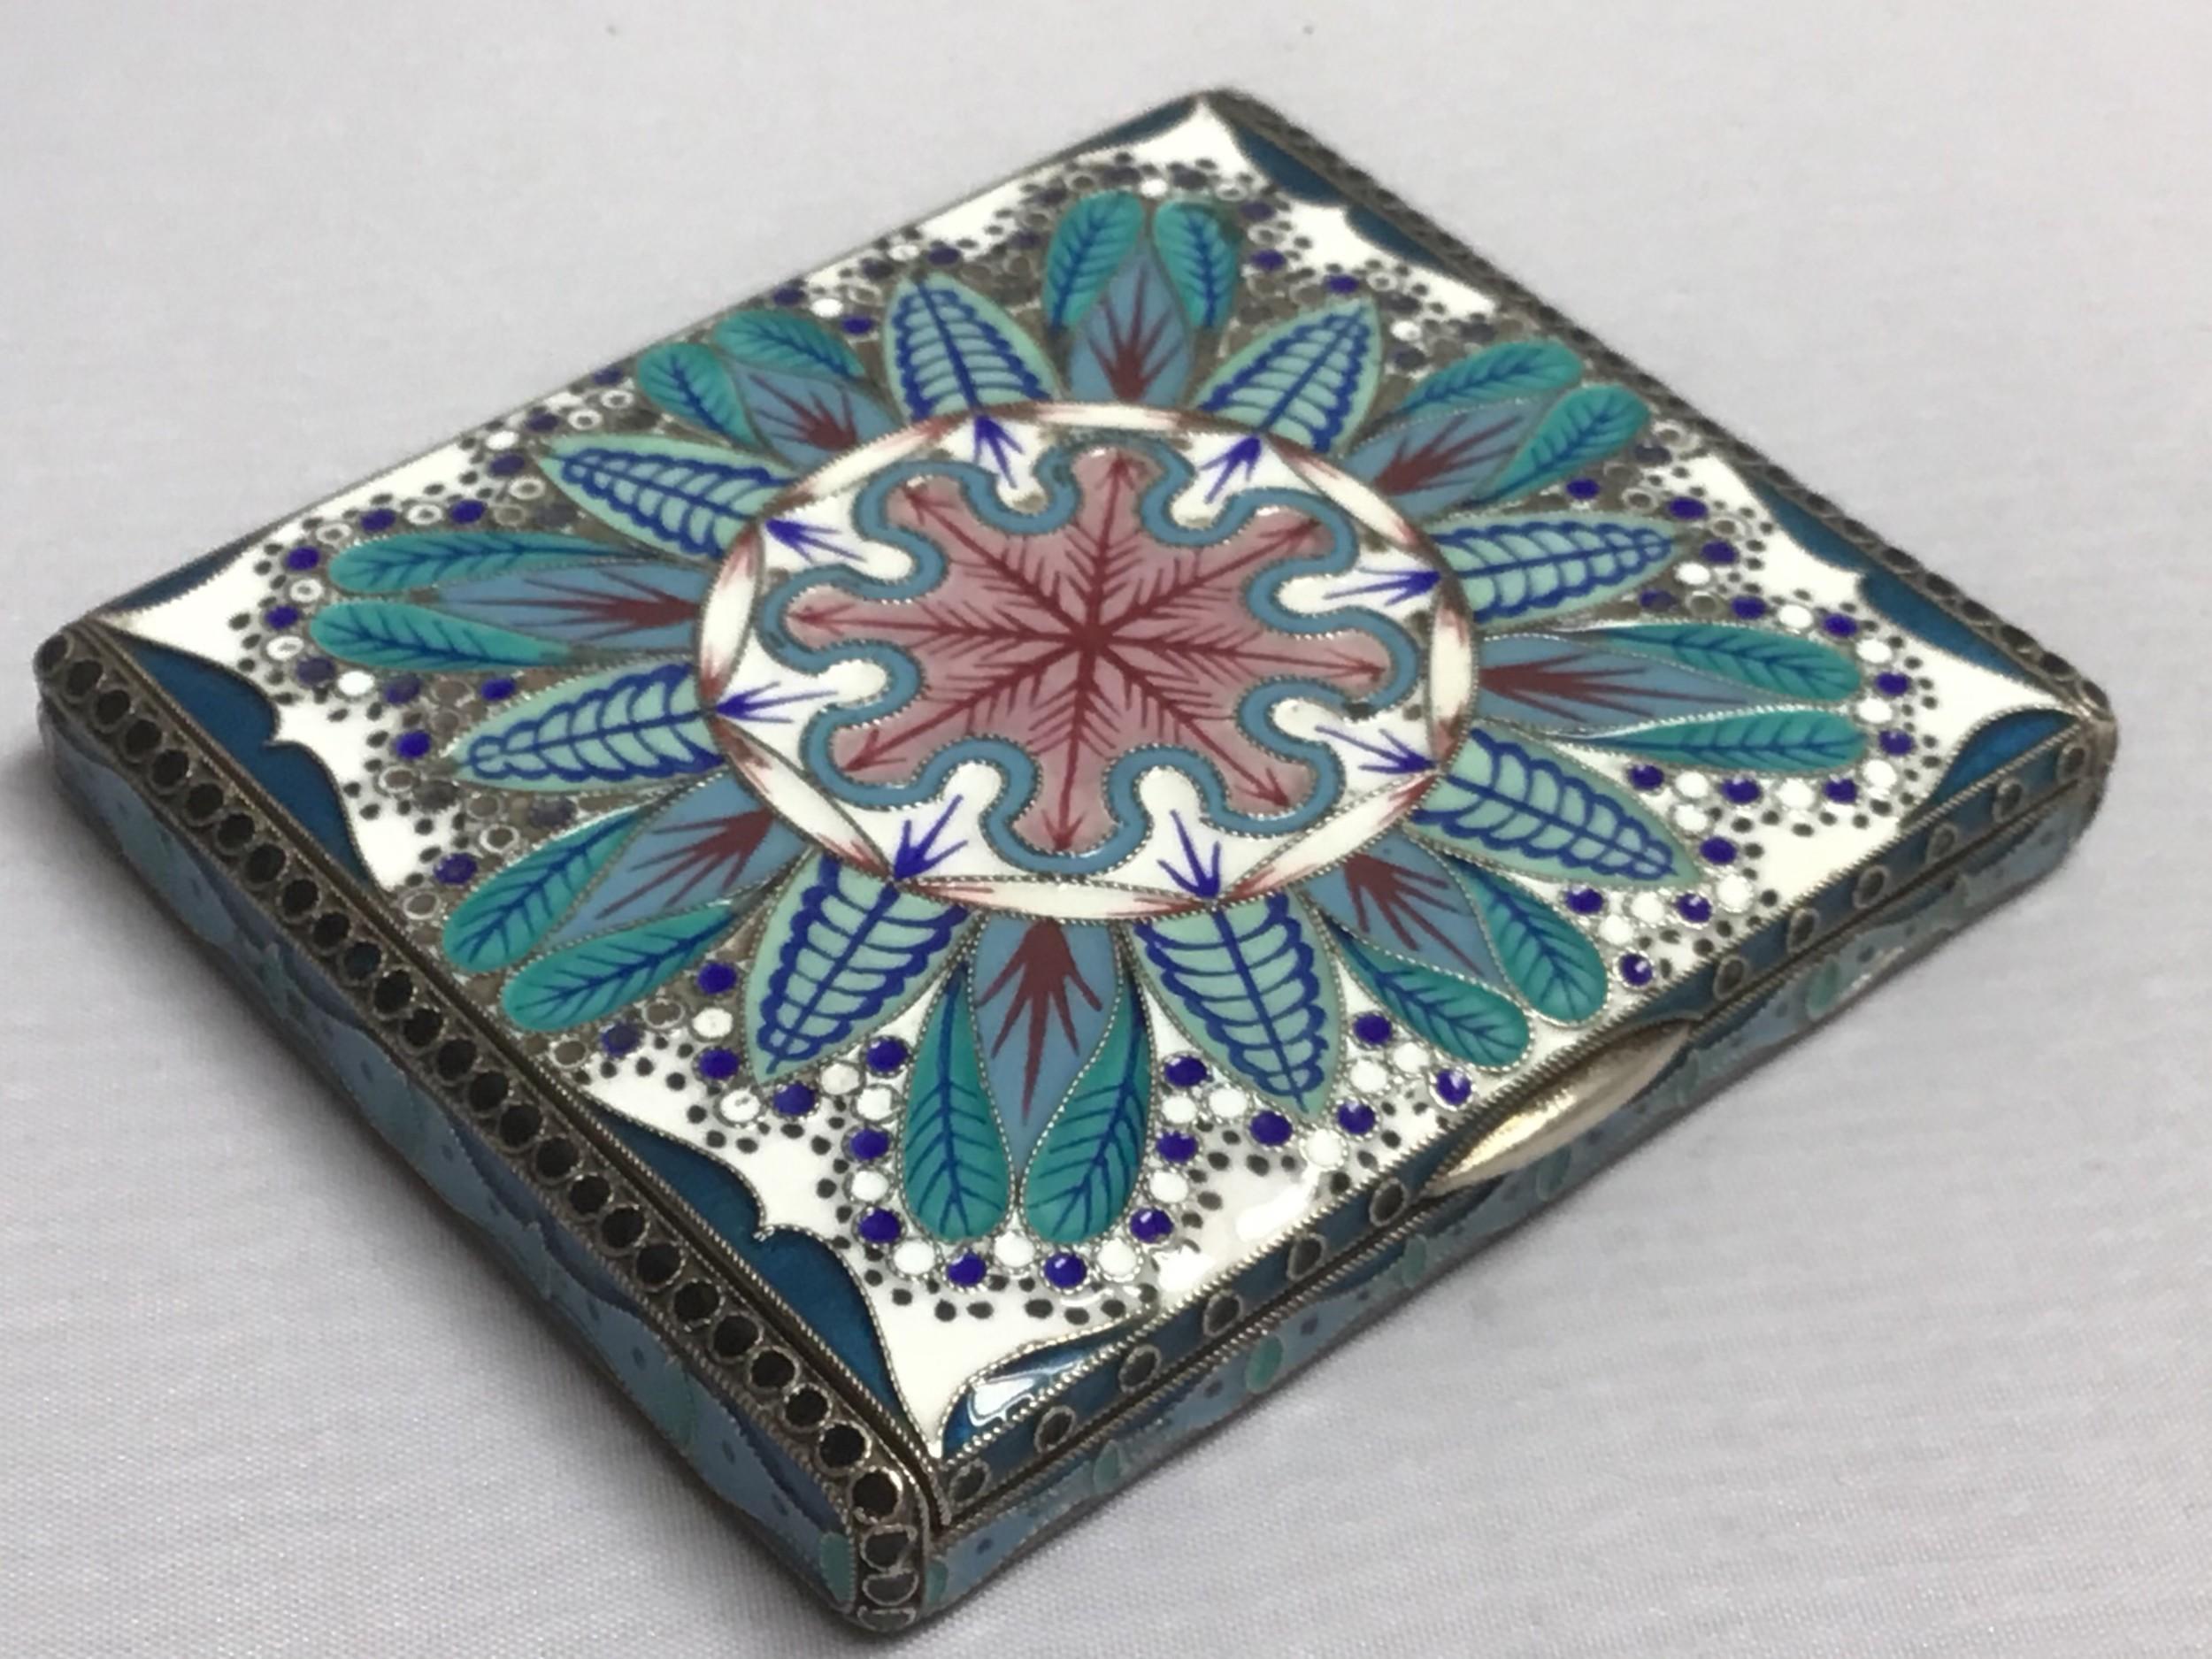 impressive russian silver and enamel box